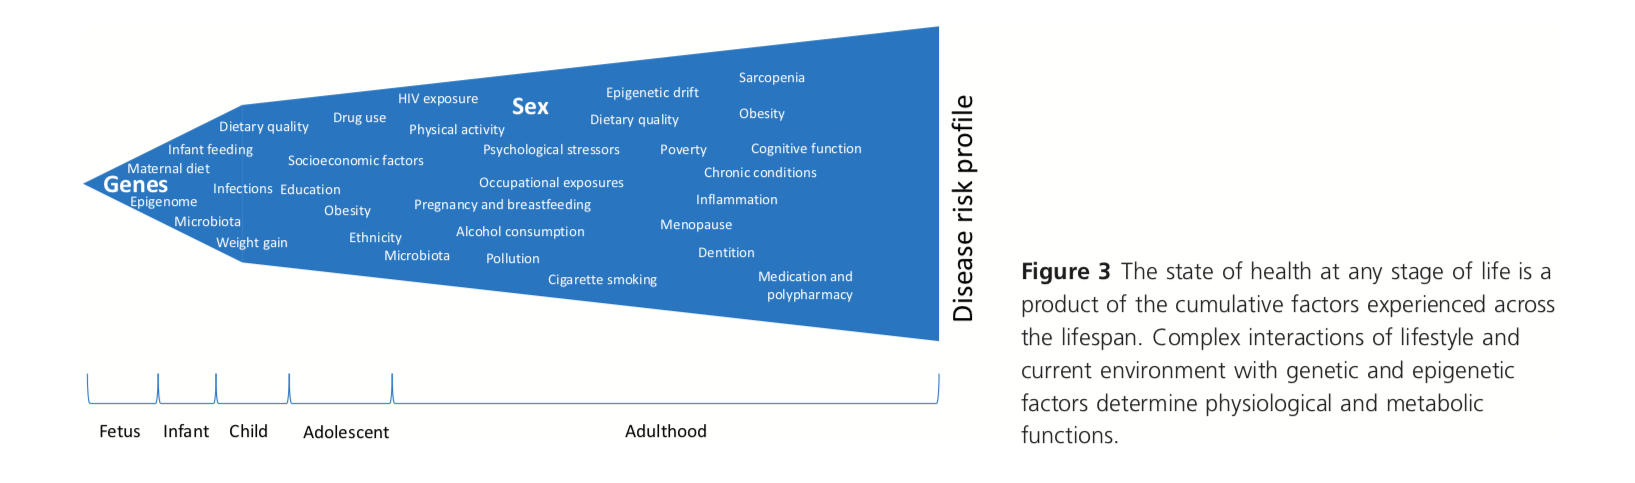 Calder et al., 2018